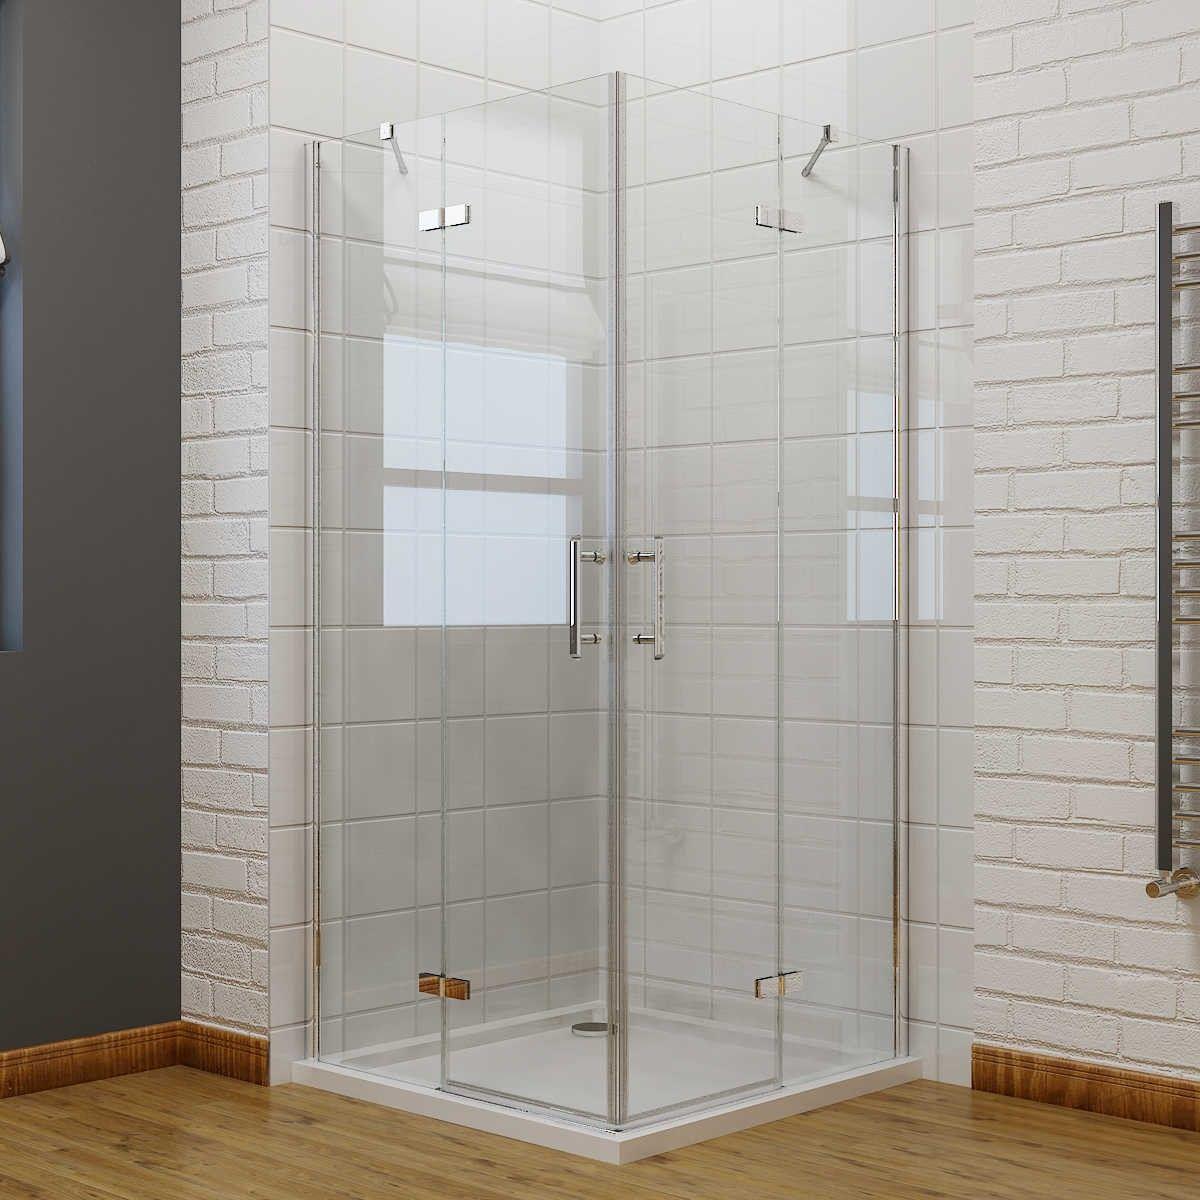 Elegant 900 X 800 Mm Frameless Pivot 6mm Corner Entry Shower Enclosure Set Shower Enclosure Shower Cubicles Quadrant Shower